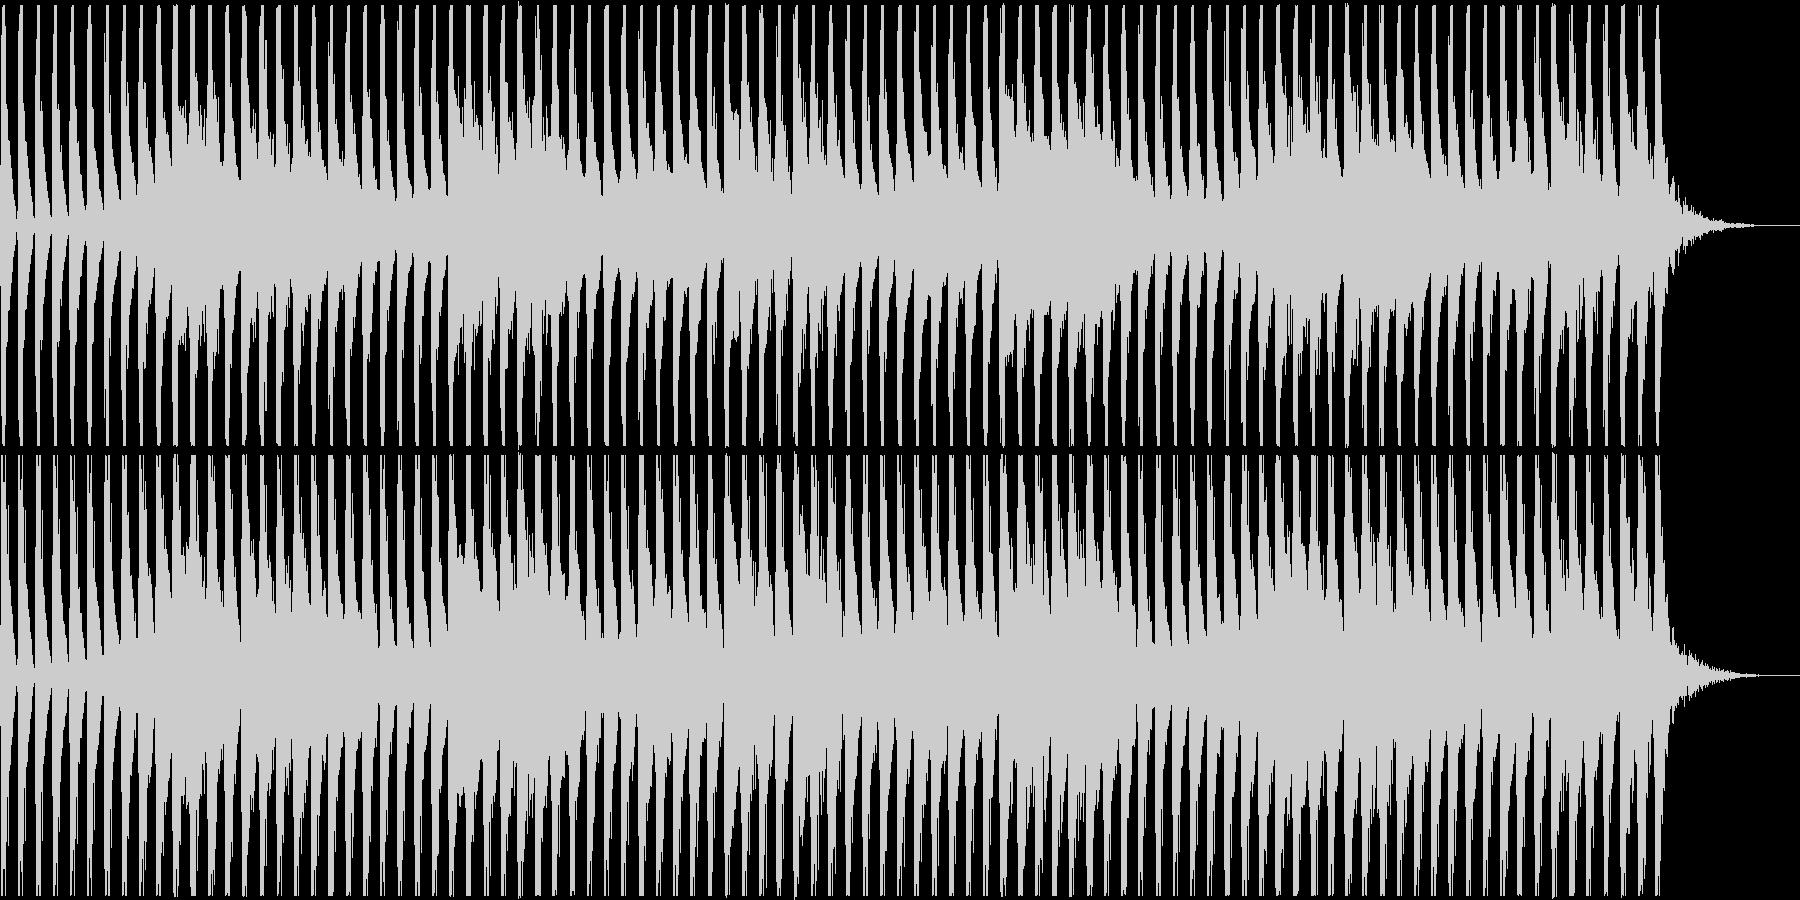 不思議な四つ打ち-Aの未再生の波形